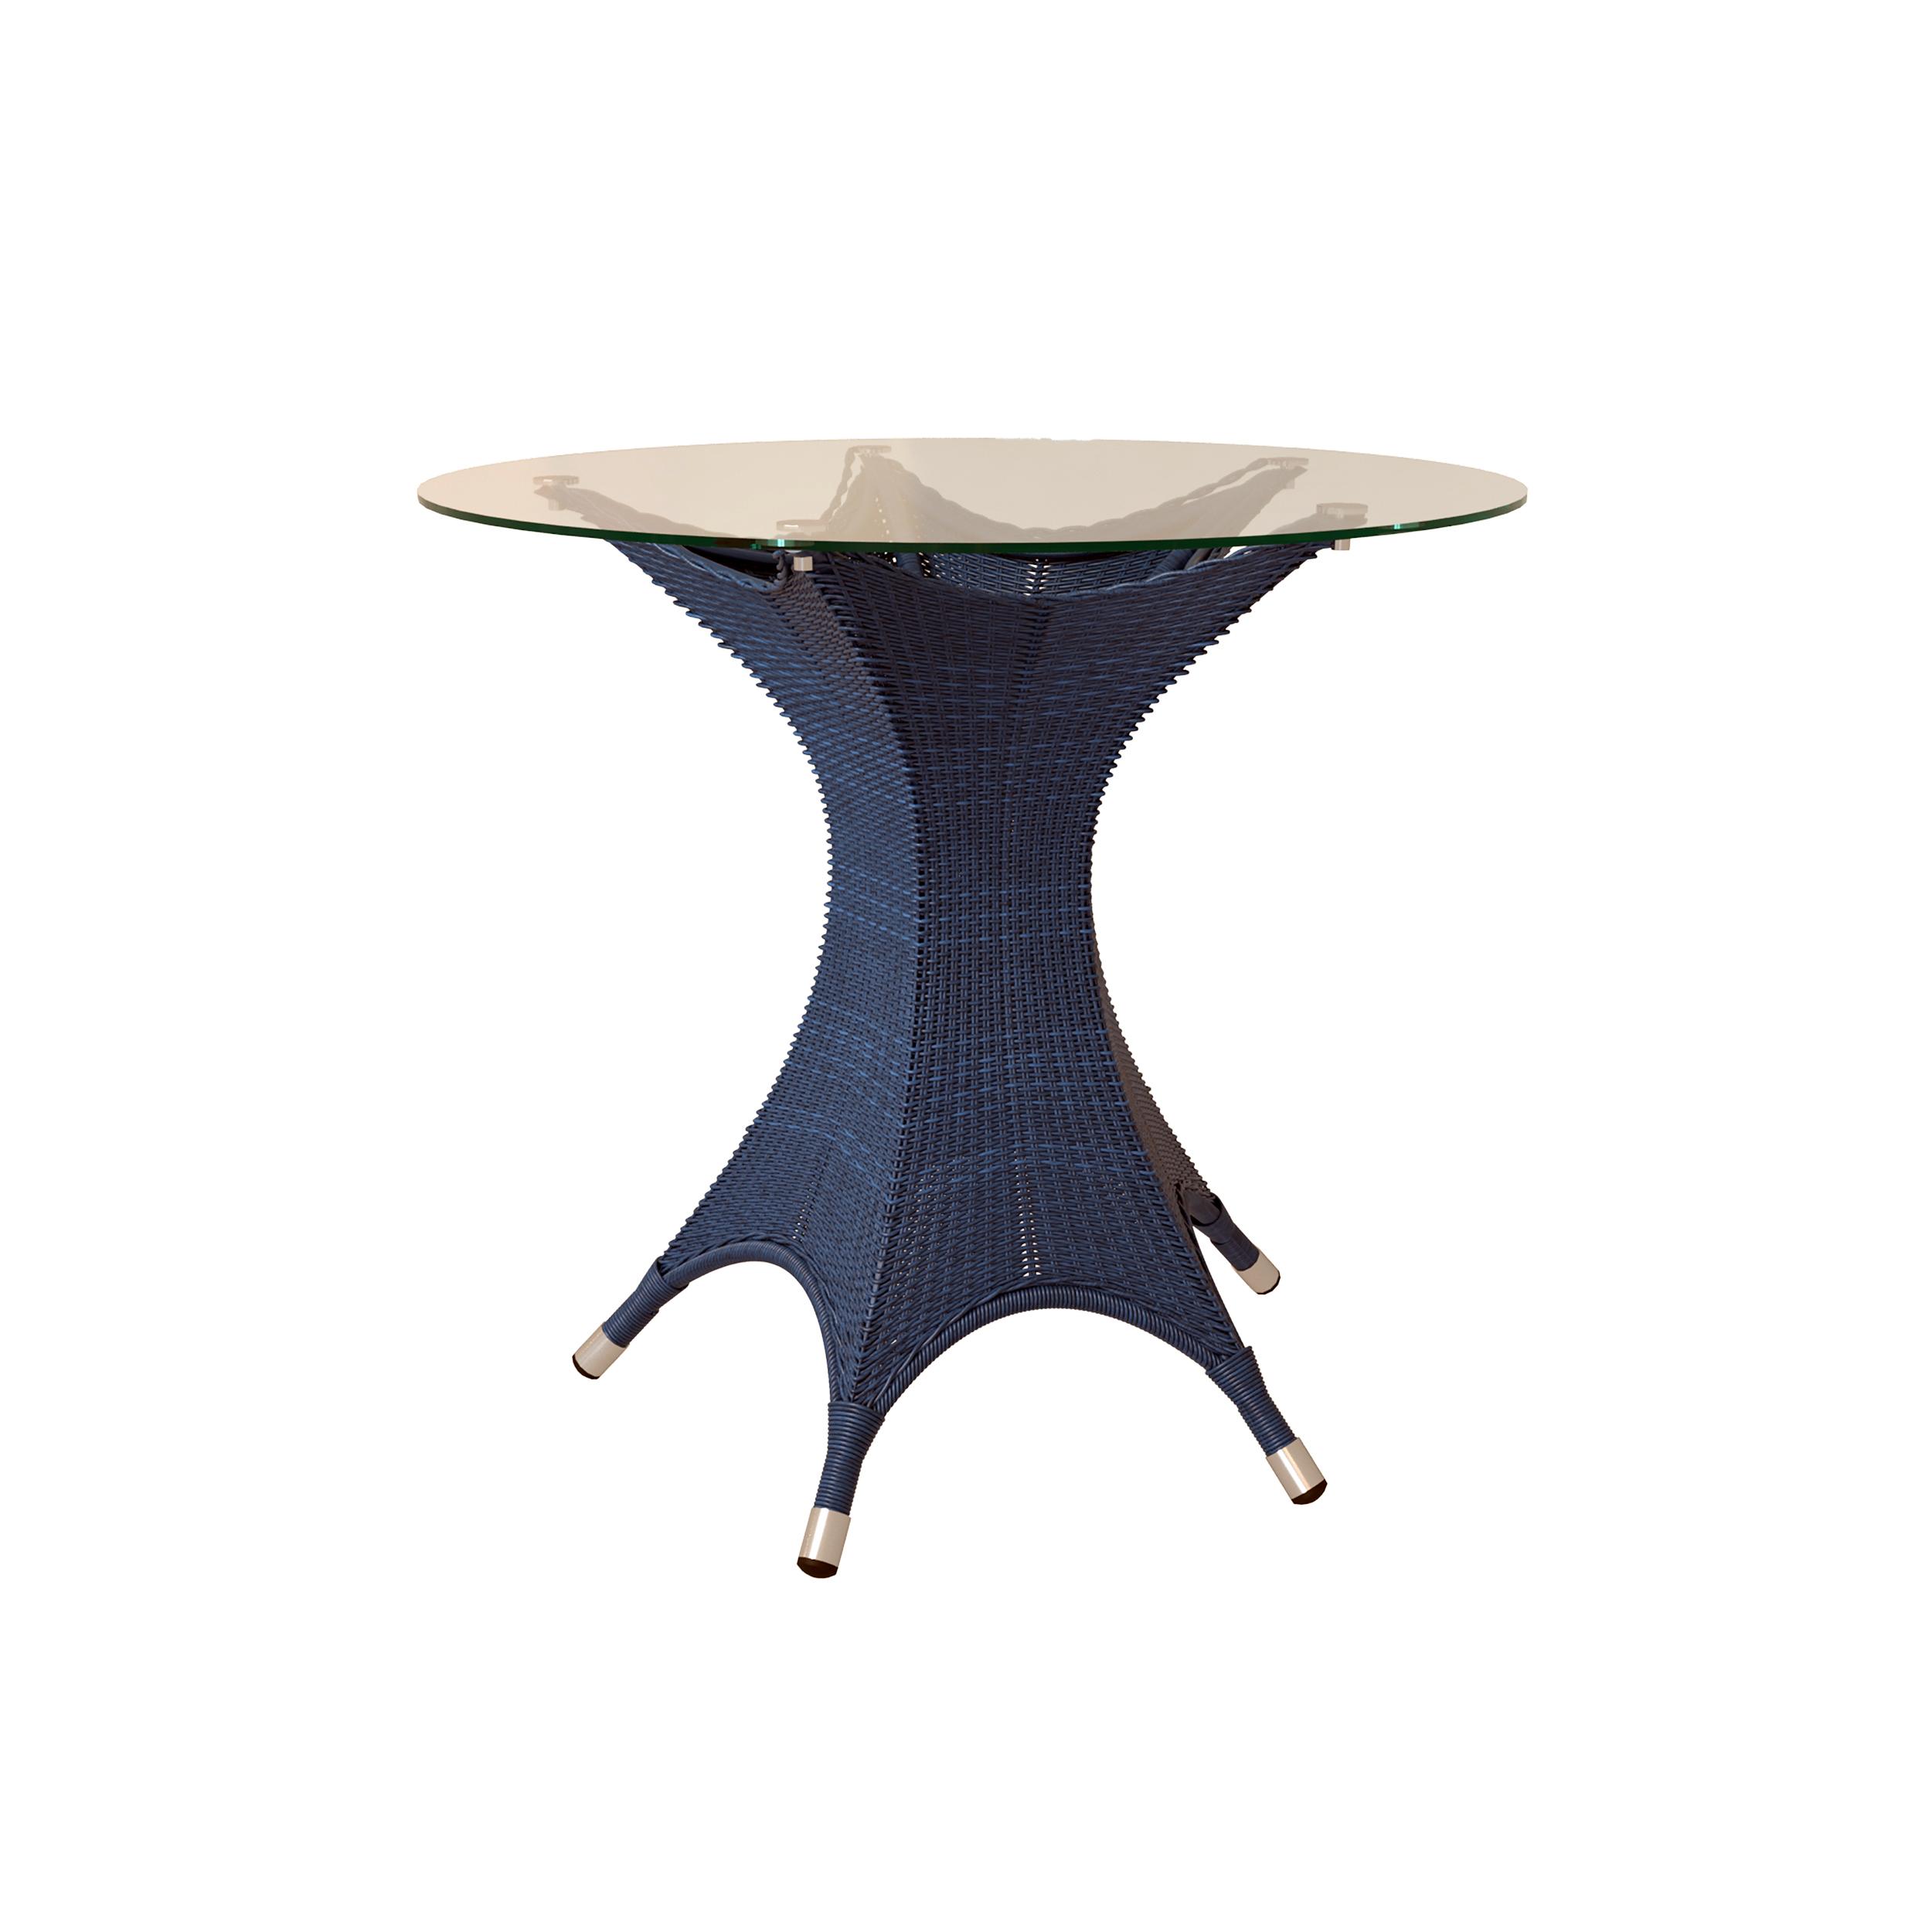 Фото 3d моделирование мебели из ротанга. Стол.